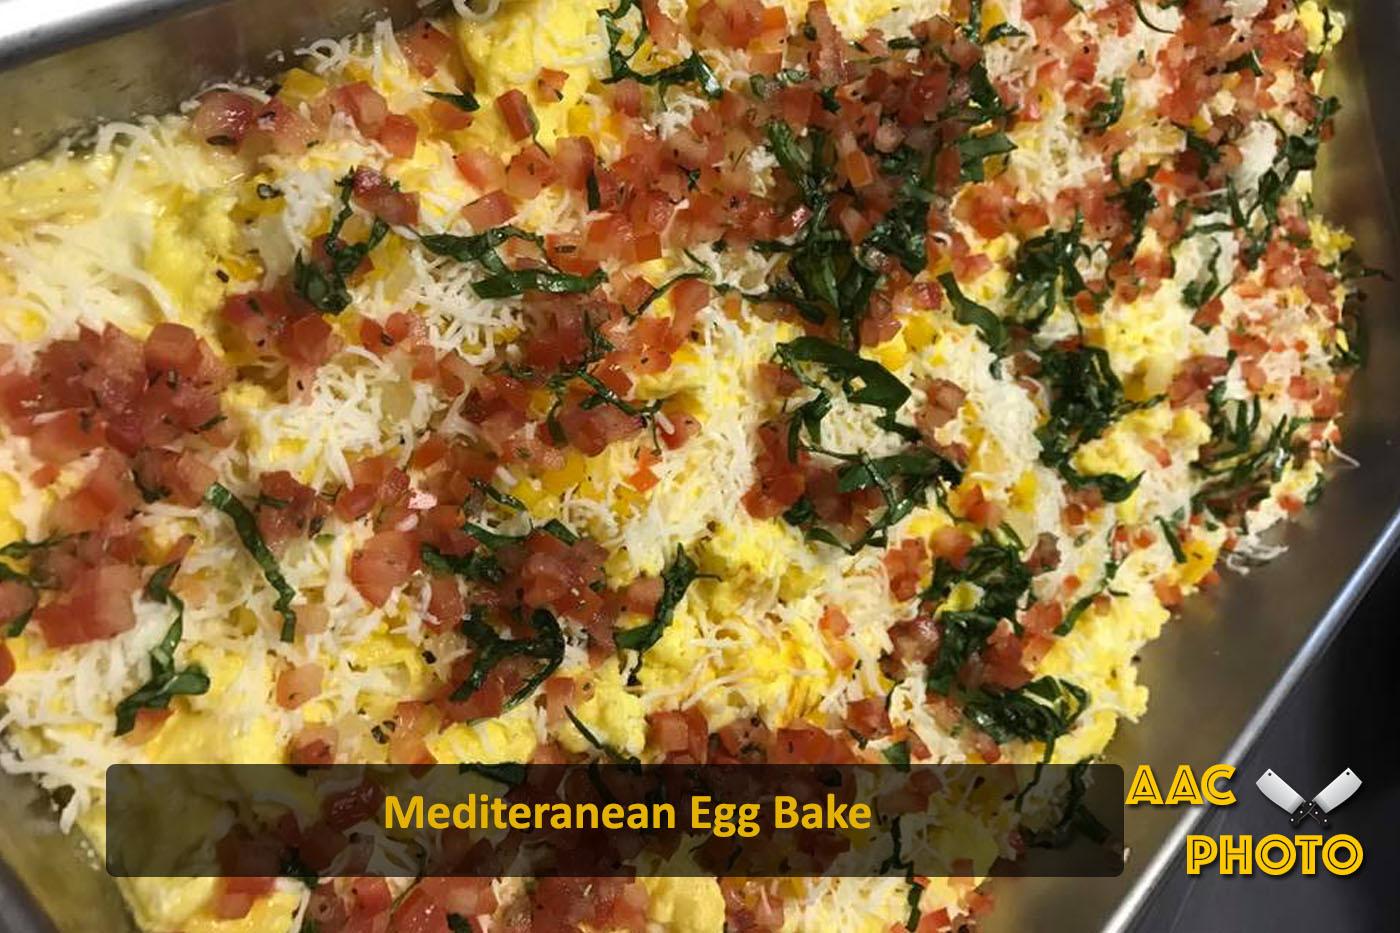 Mediterranean Egg Bake